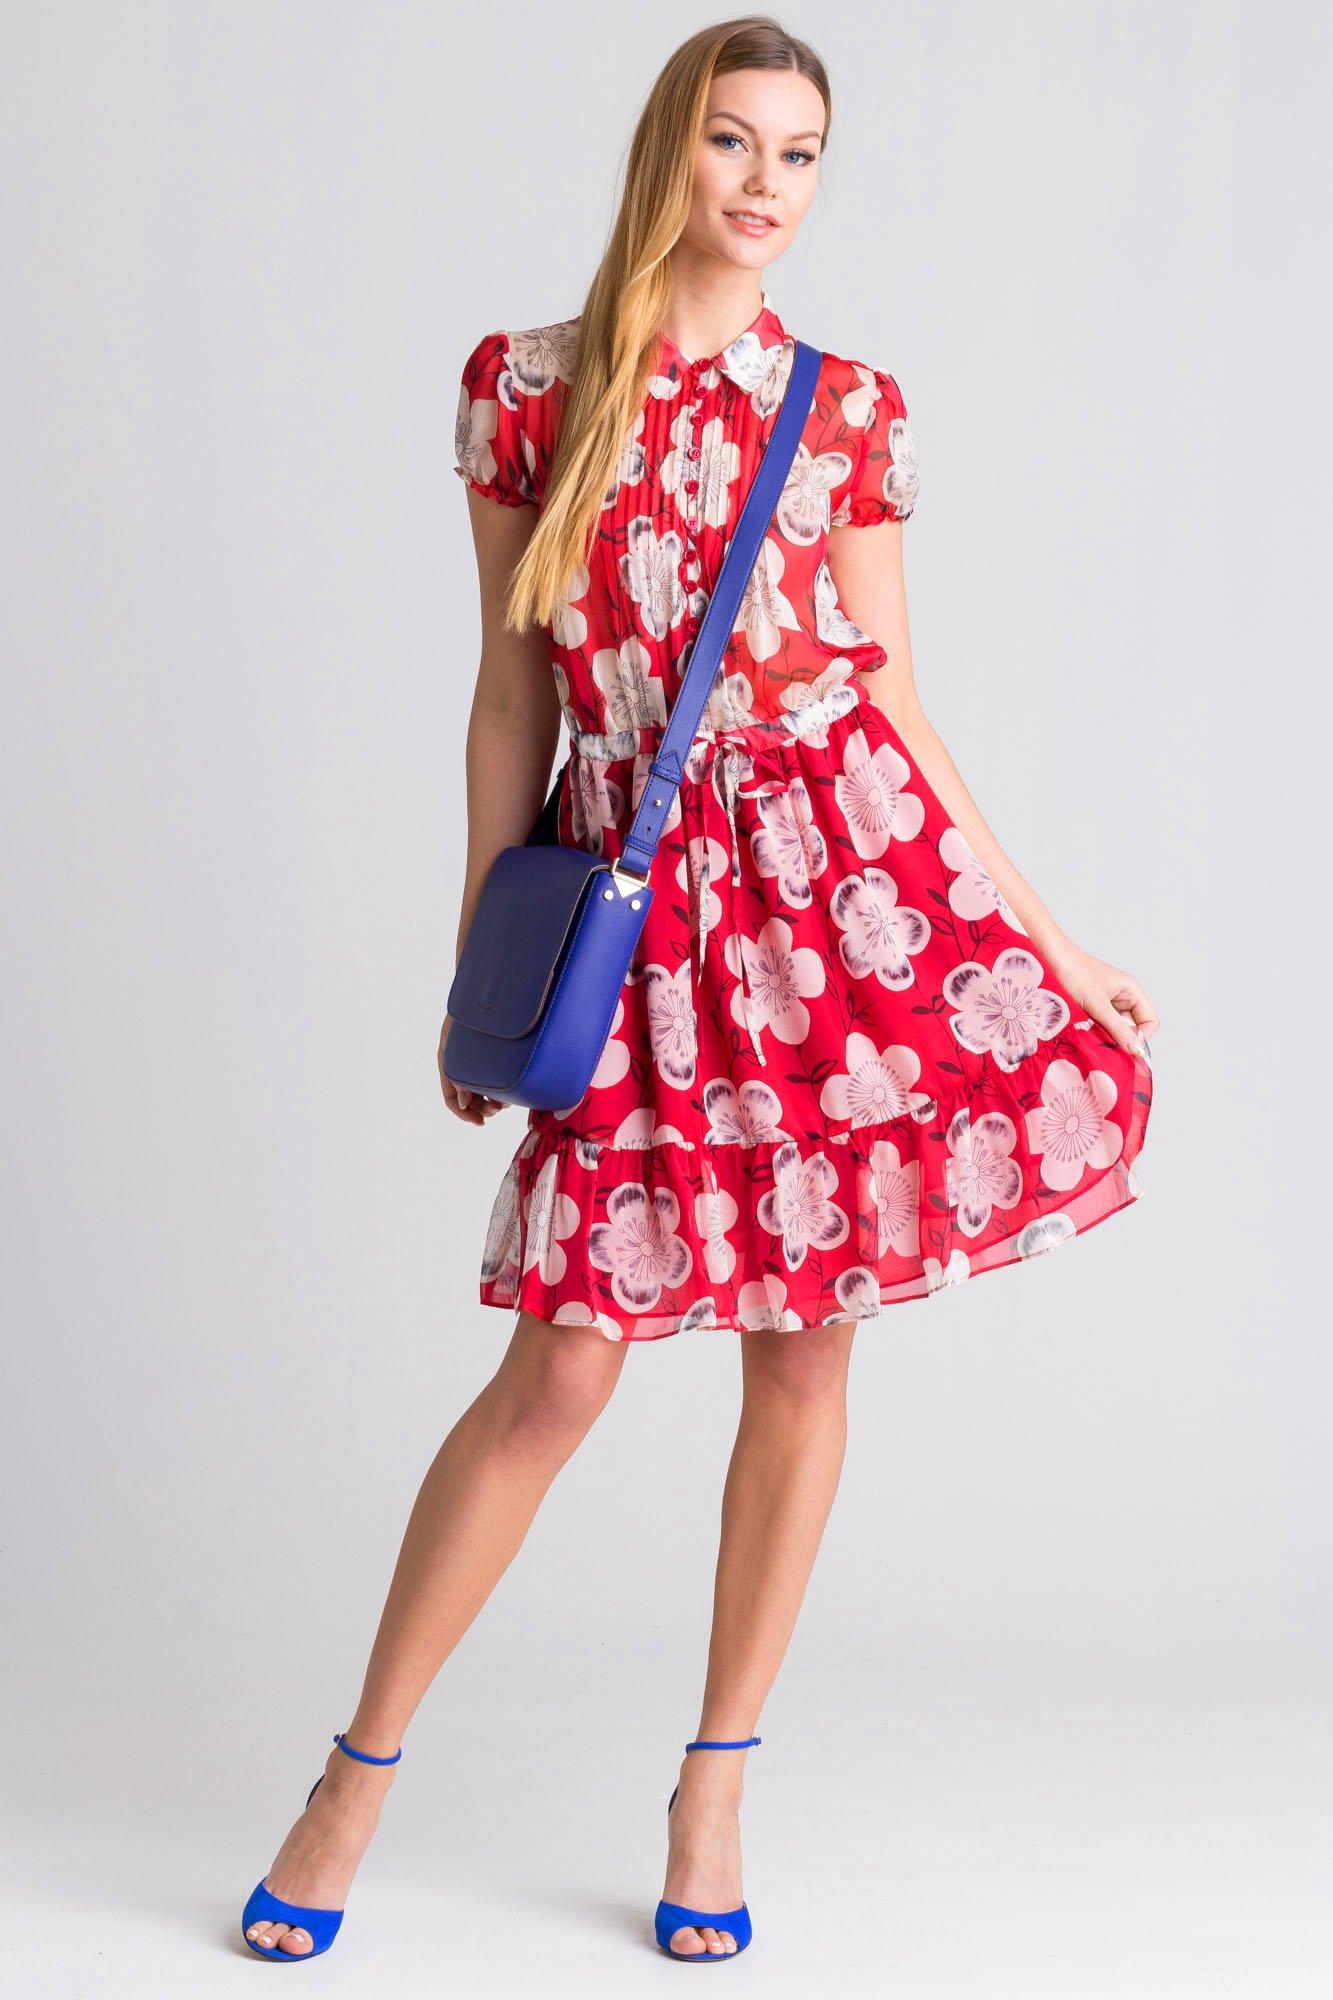 d97fd54e3c Czerwona sukienka w kwiaty · Czerwona sukienka w kwiaty ...